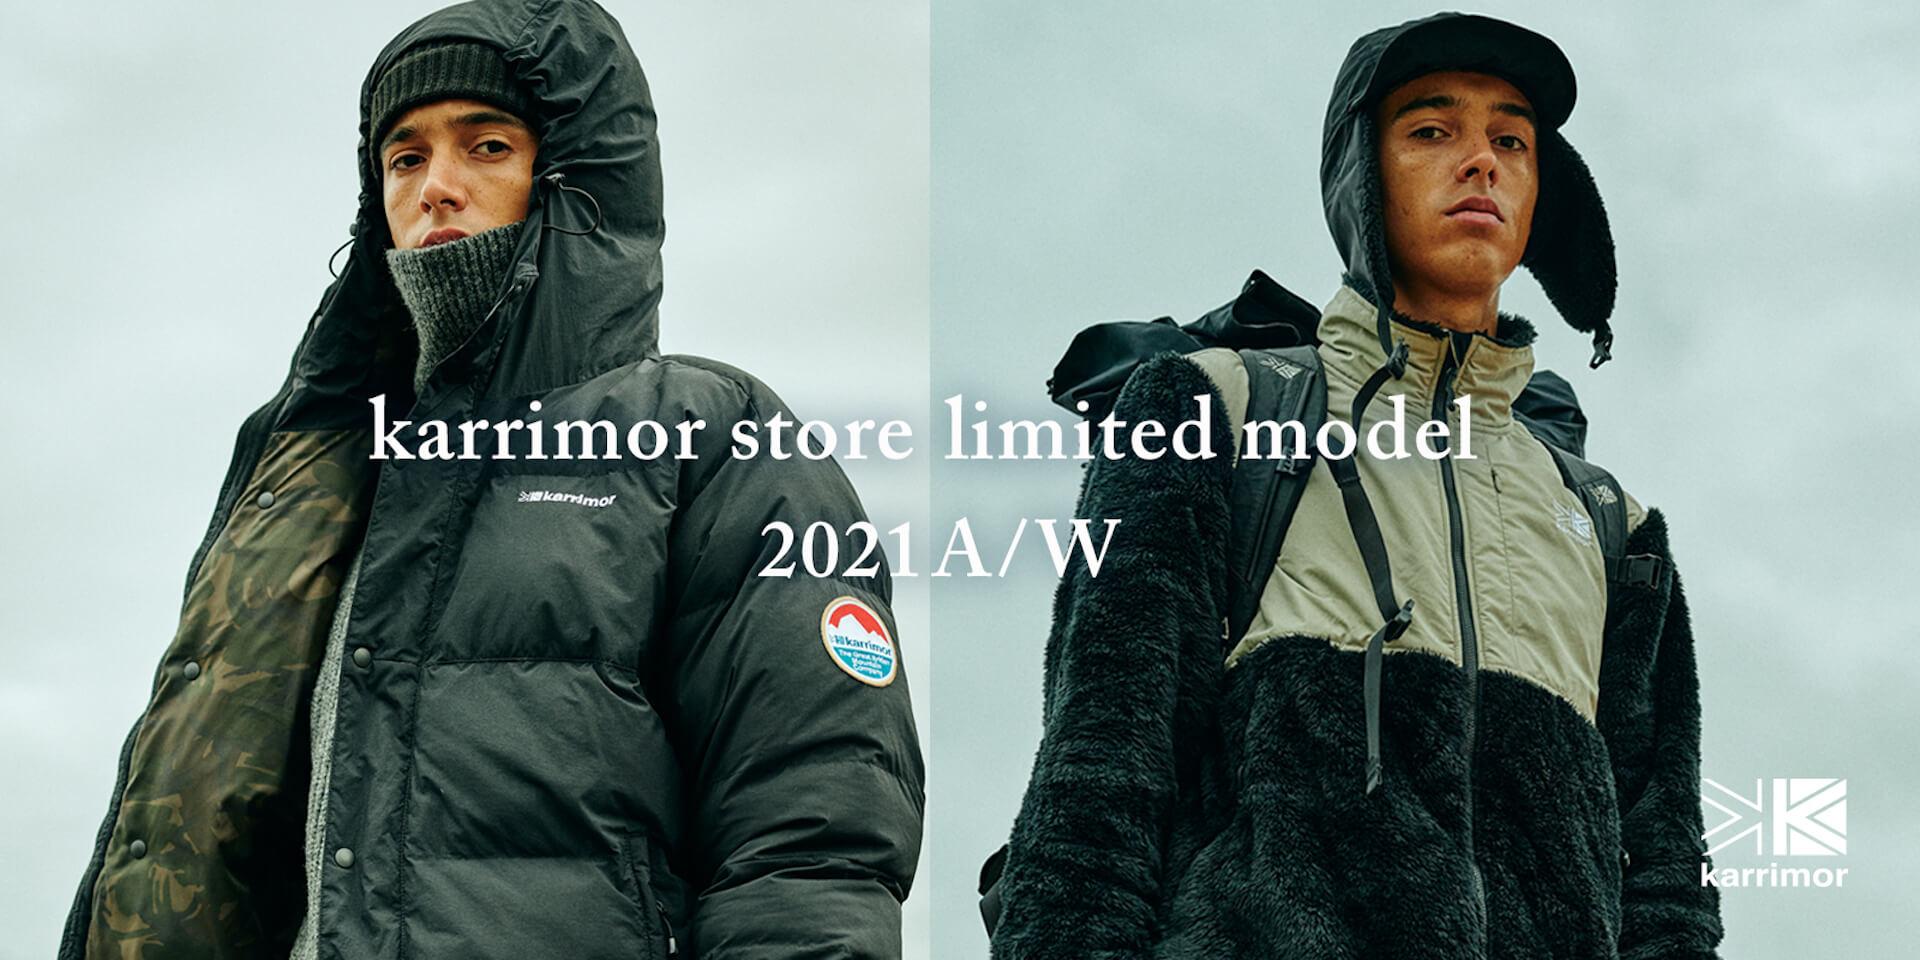 カリマーから限定のウィンターウェア2型が発売!アウタージャケット&ジップアップのフリースが登場 life211012_karrimor_6